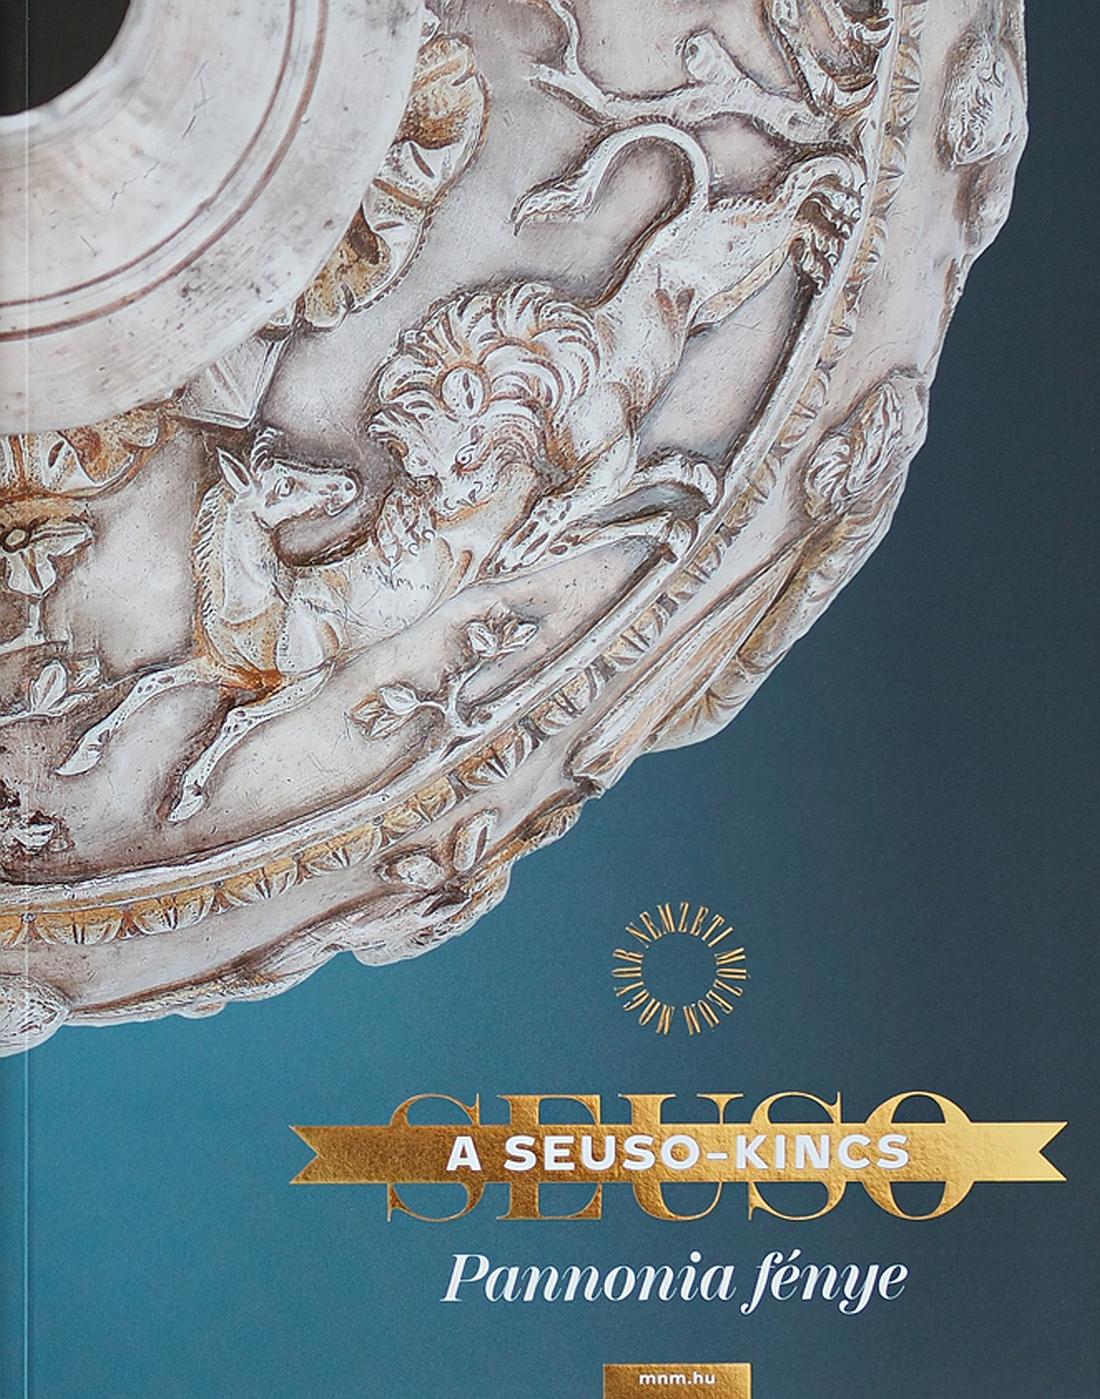 Könyv   A Seuso-kincs. Pannonia fénye. Műveltség és luxus a késő császárkori Pannoniában